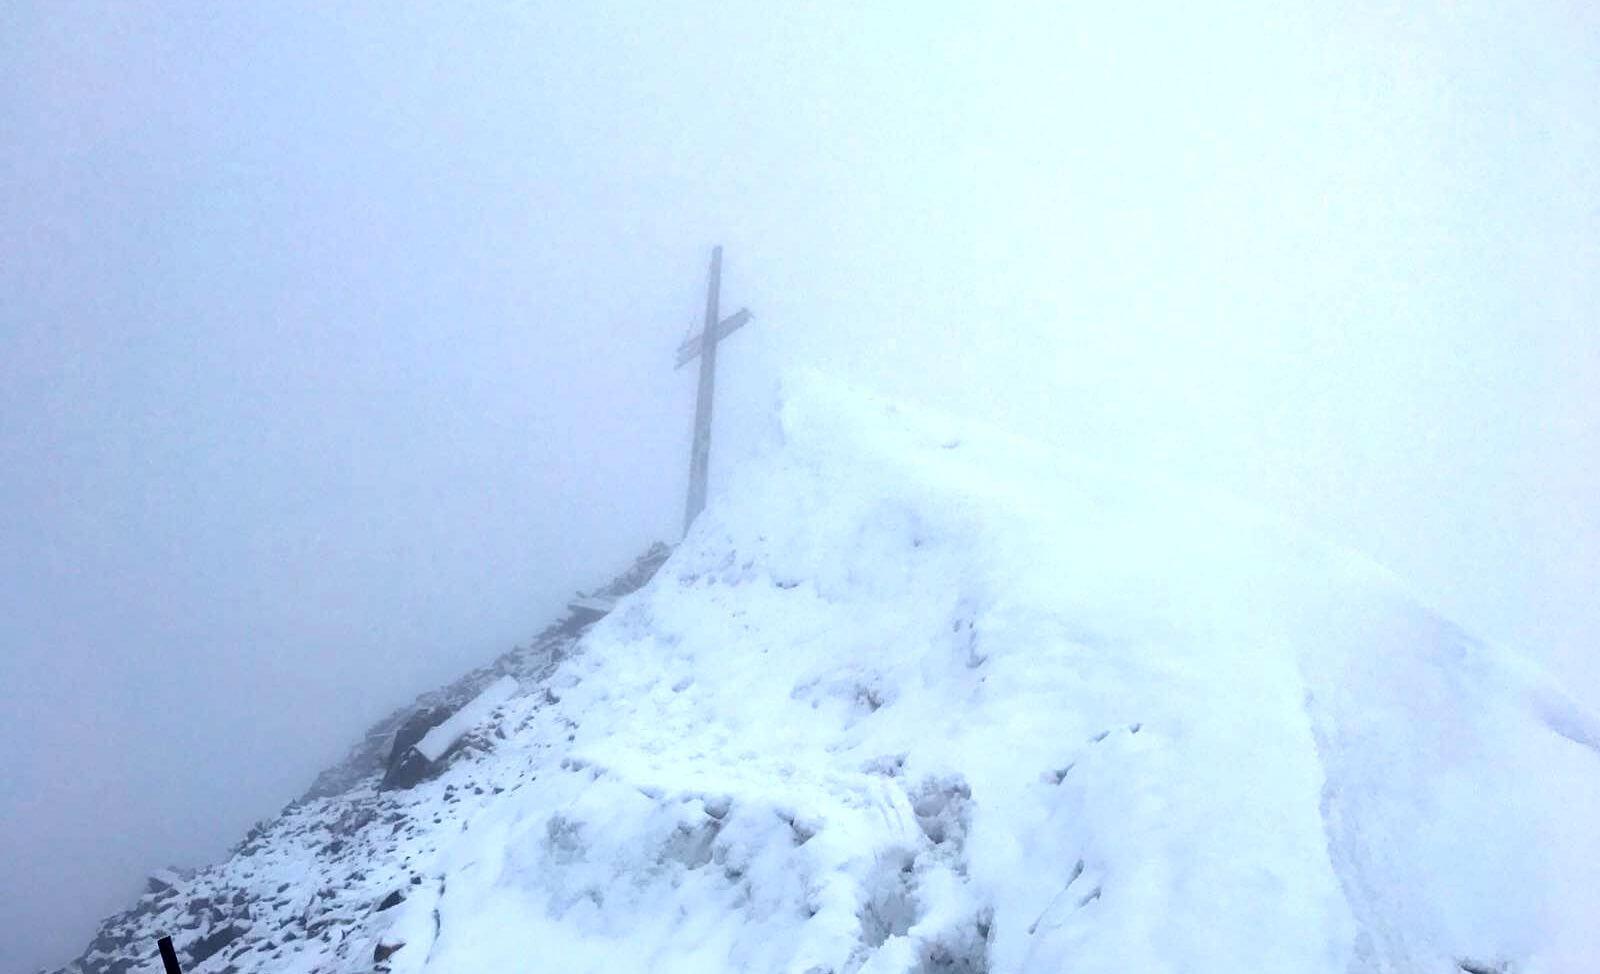 Die Königsspitze im Nebel - Alpinschule Ortler mit Jacopo Compagnoni